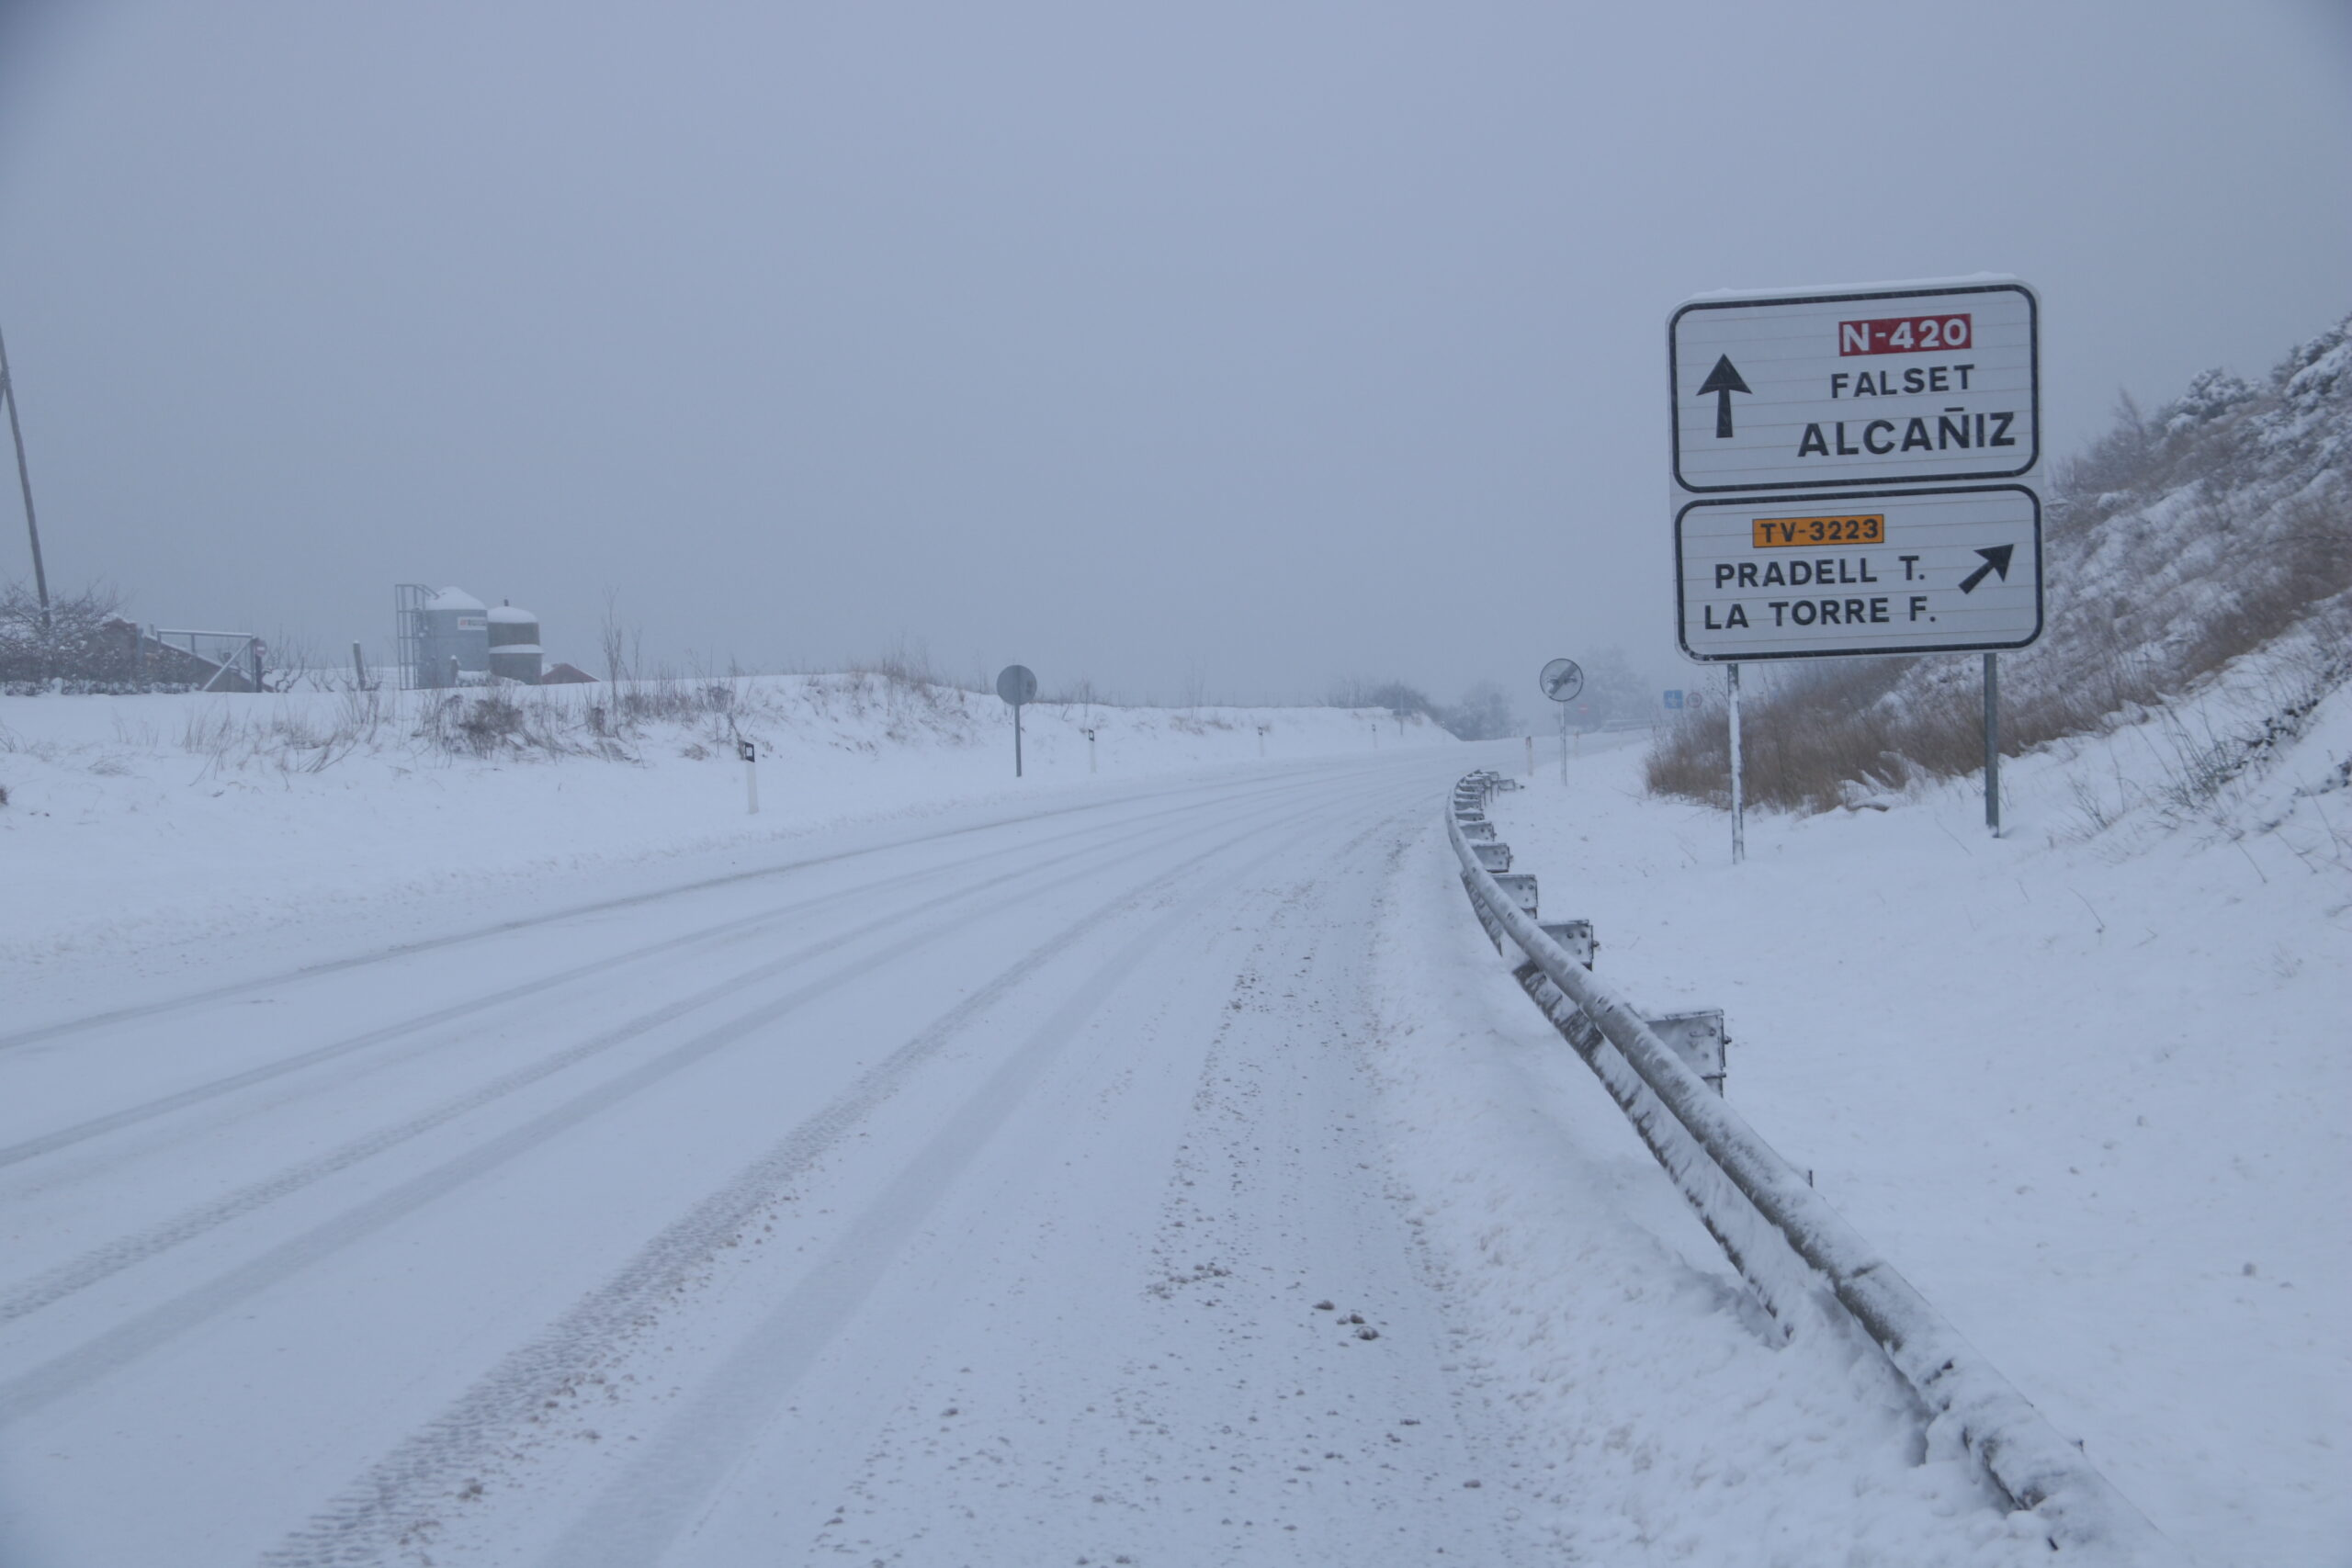 La carretera d'accés a Falset completament nevada | ACN